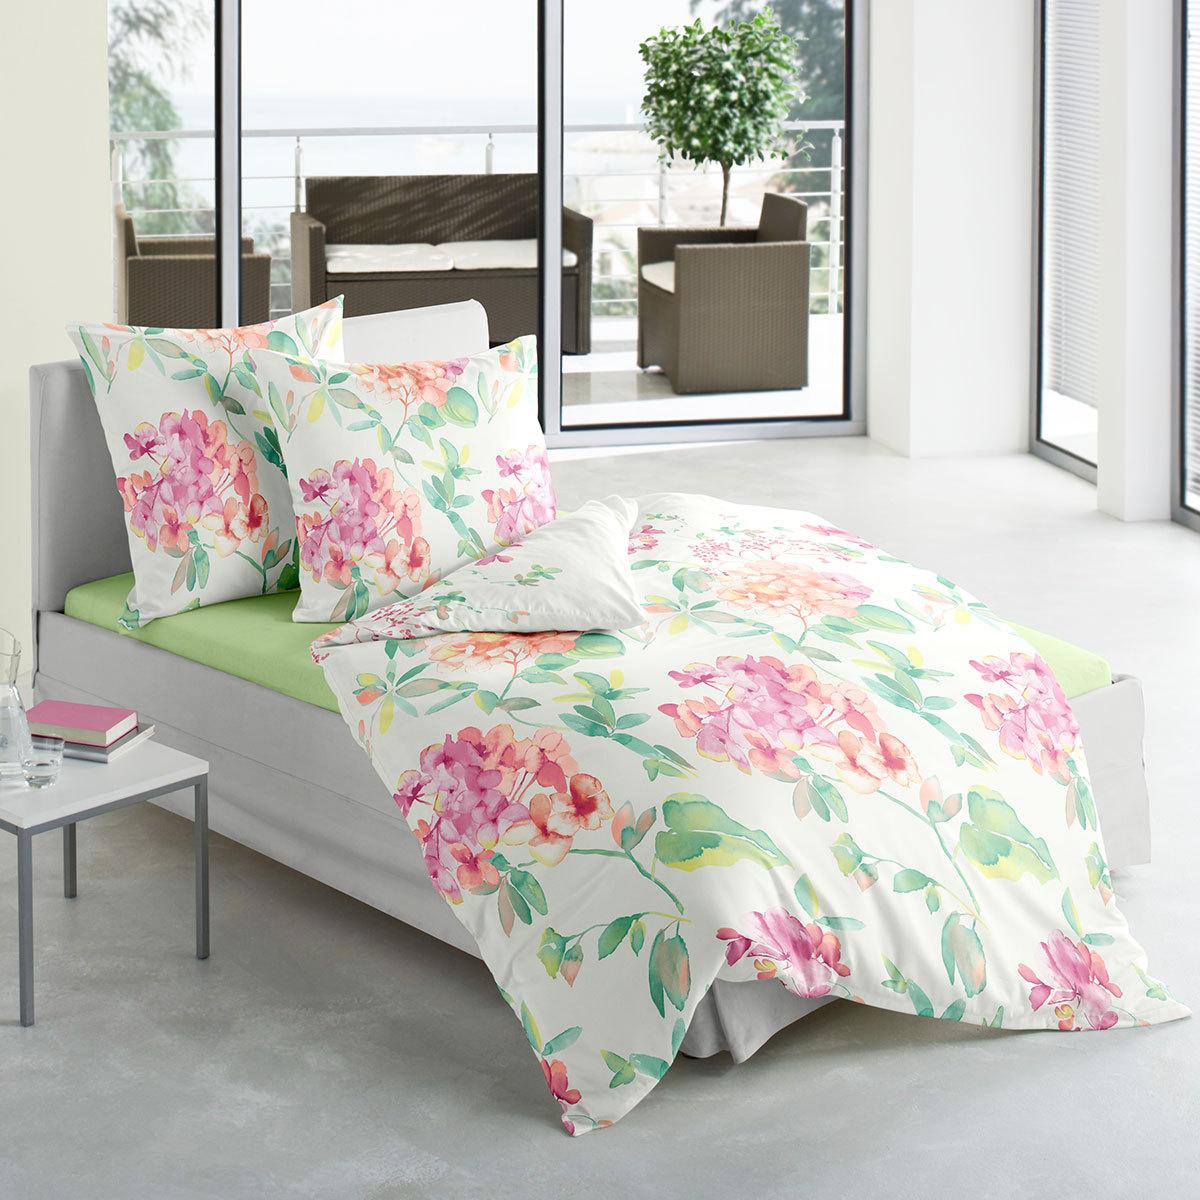 traumschlaf mako satin bettw sche hortensie g nstig online kaufen bei bettwaren shop. Black Bedroom Furniture Sets. Home Design Ideas